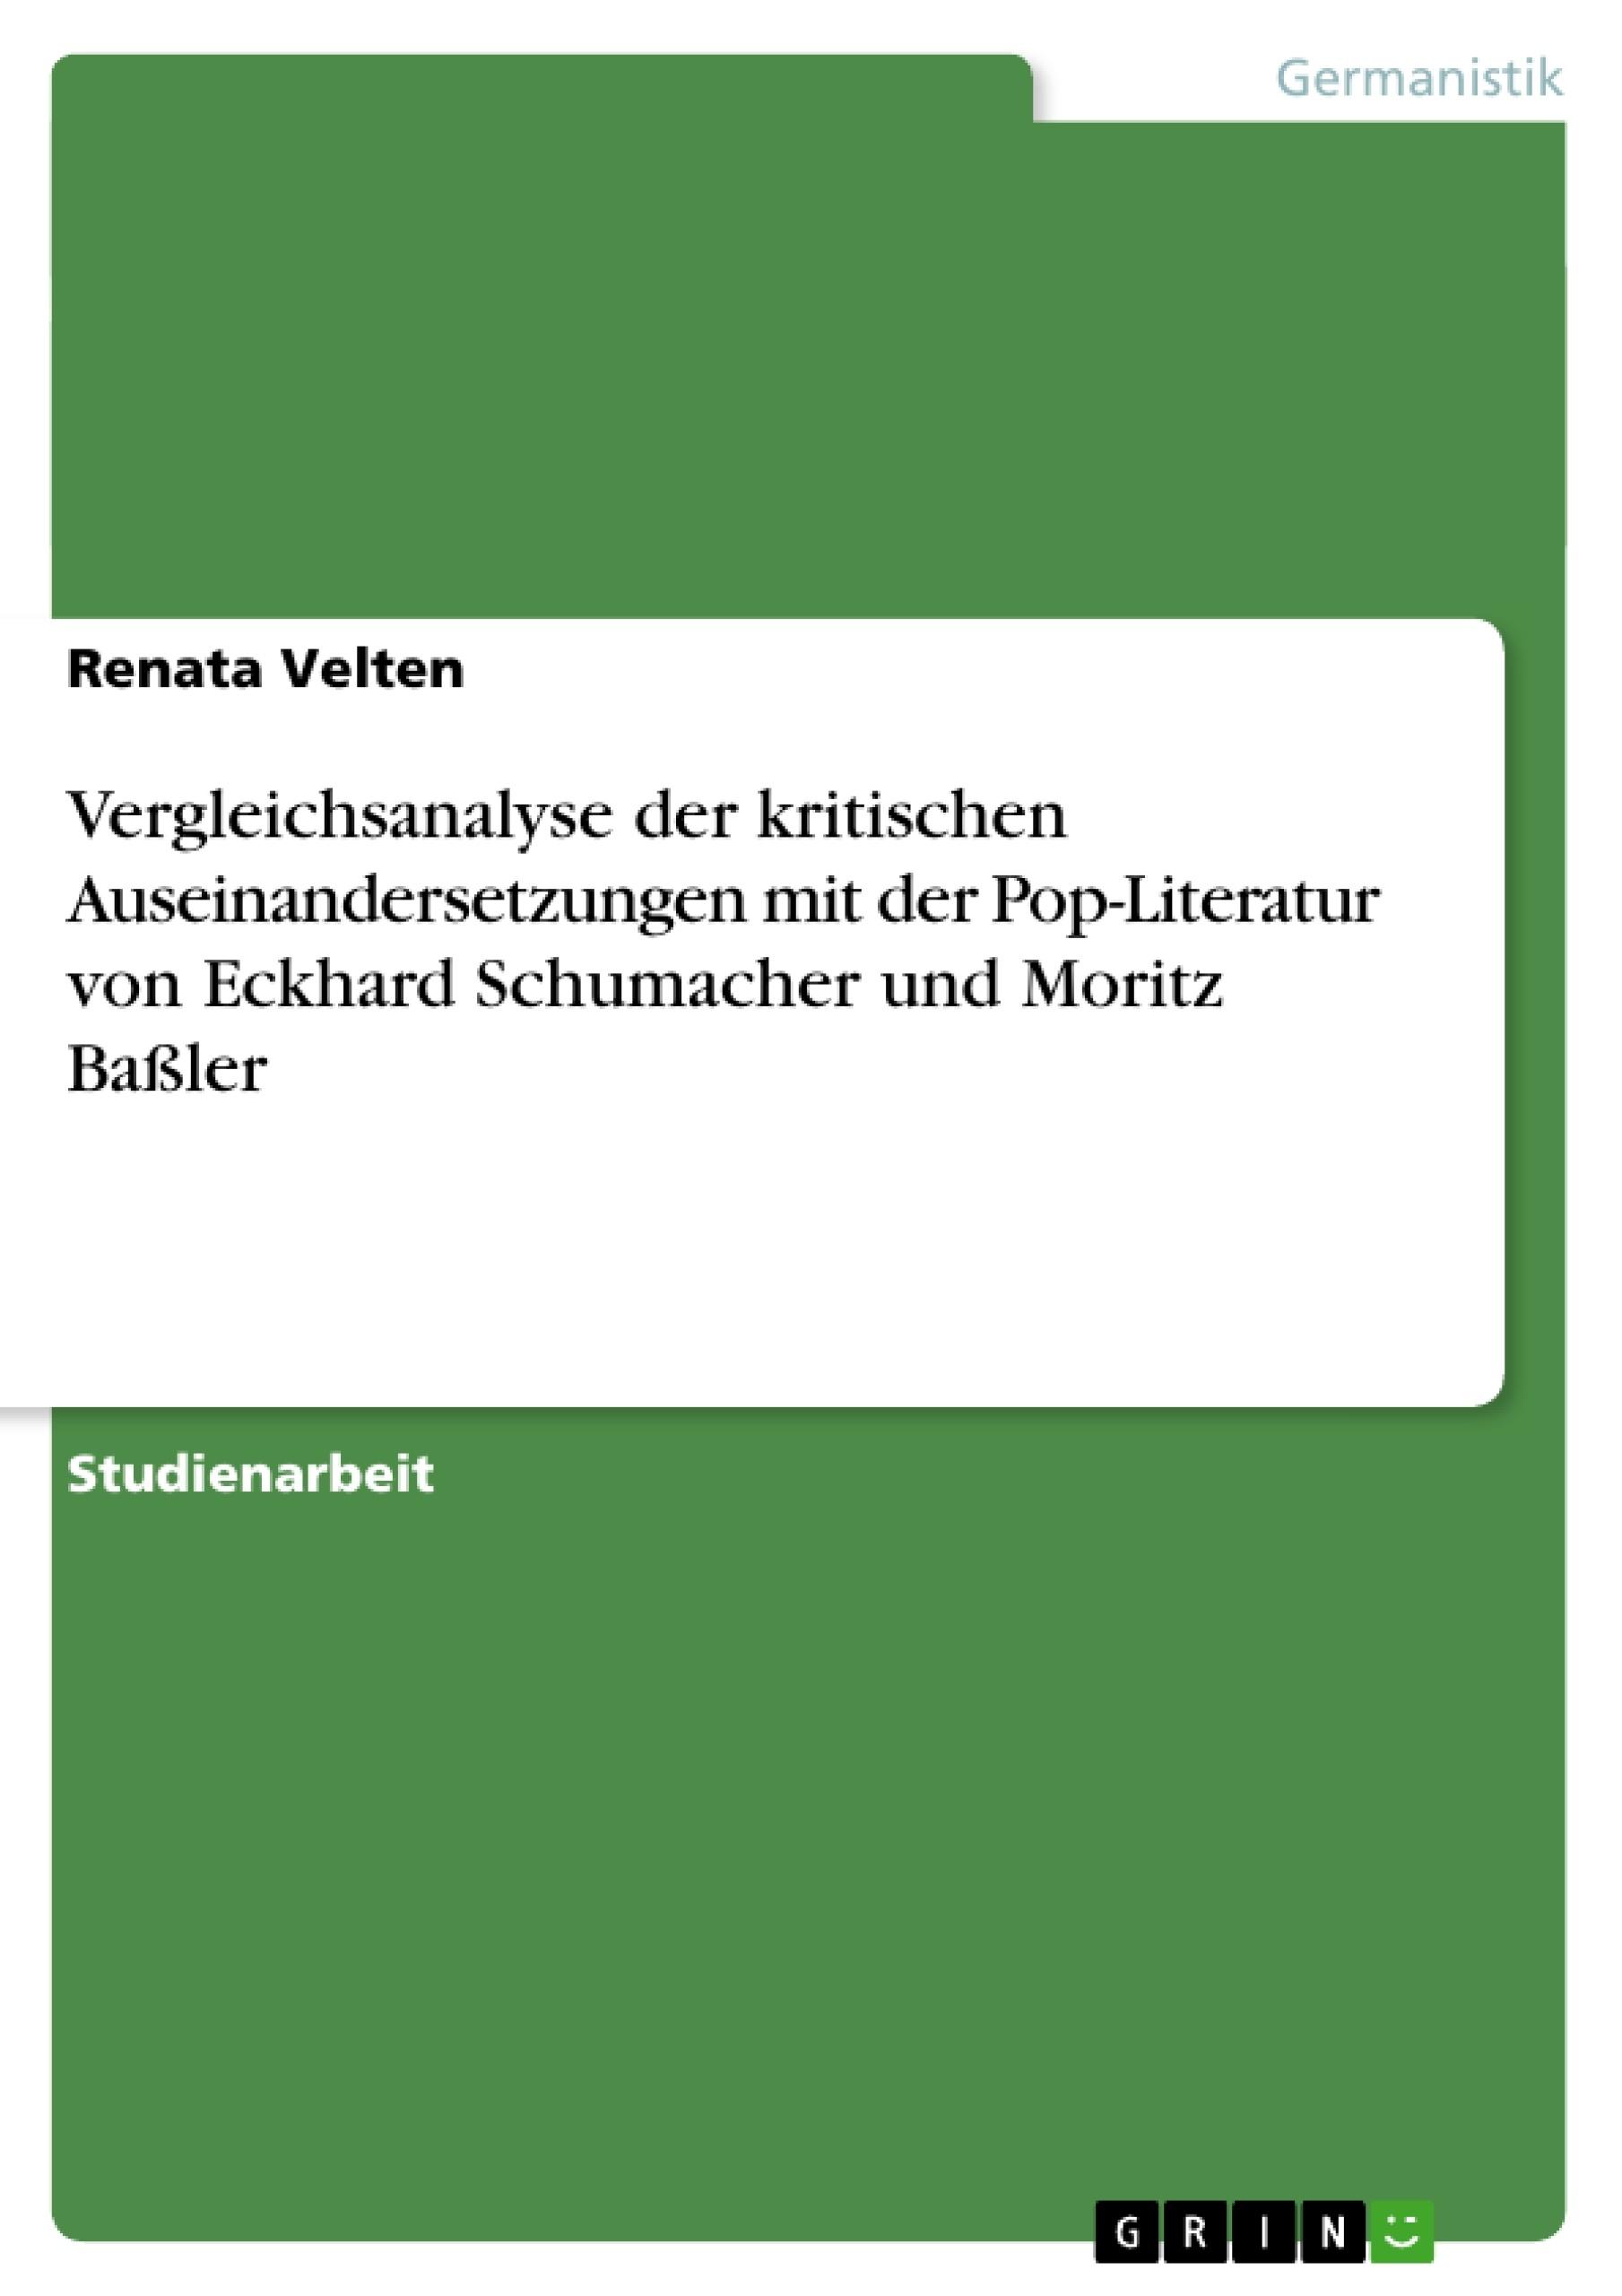 Titel: Vergleichsanalyse der kritischen Auseinandersetzungen mit der Pop-Literatur von Eckhard Schumacher und Moritz Baßler